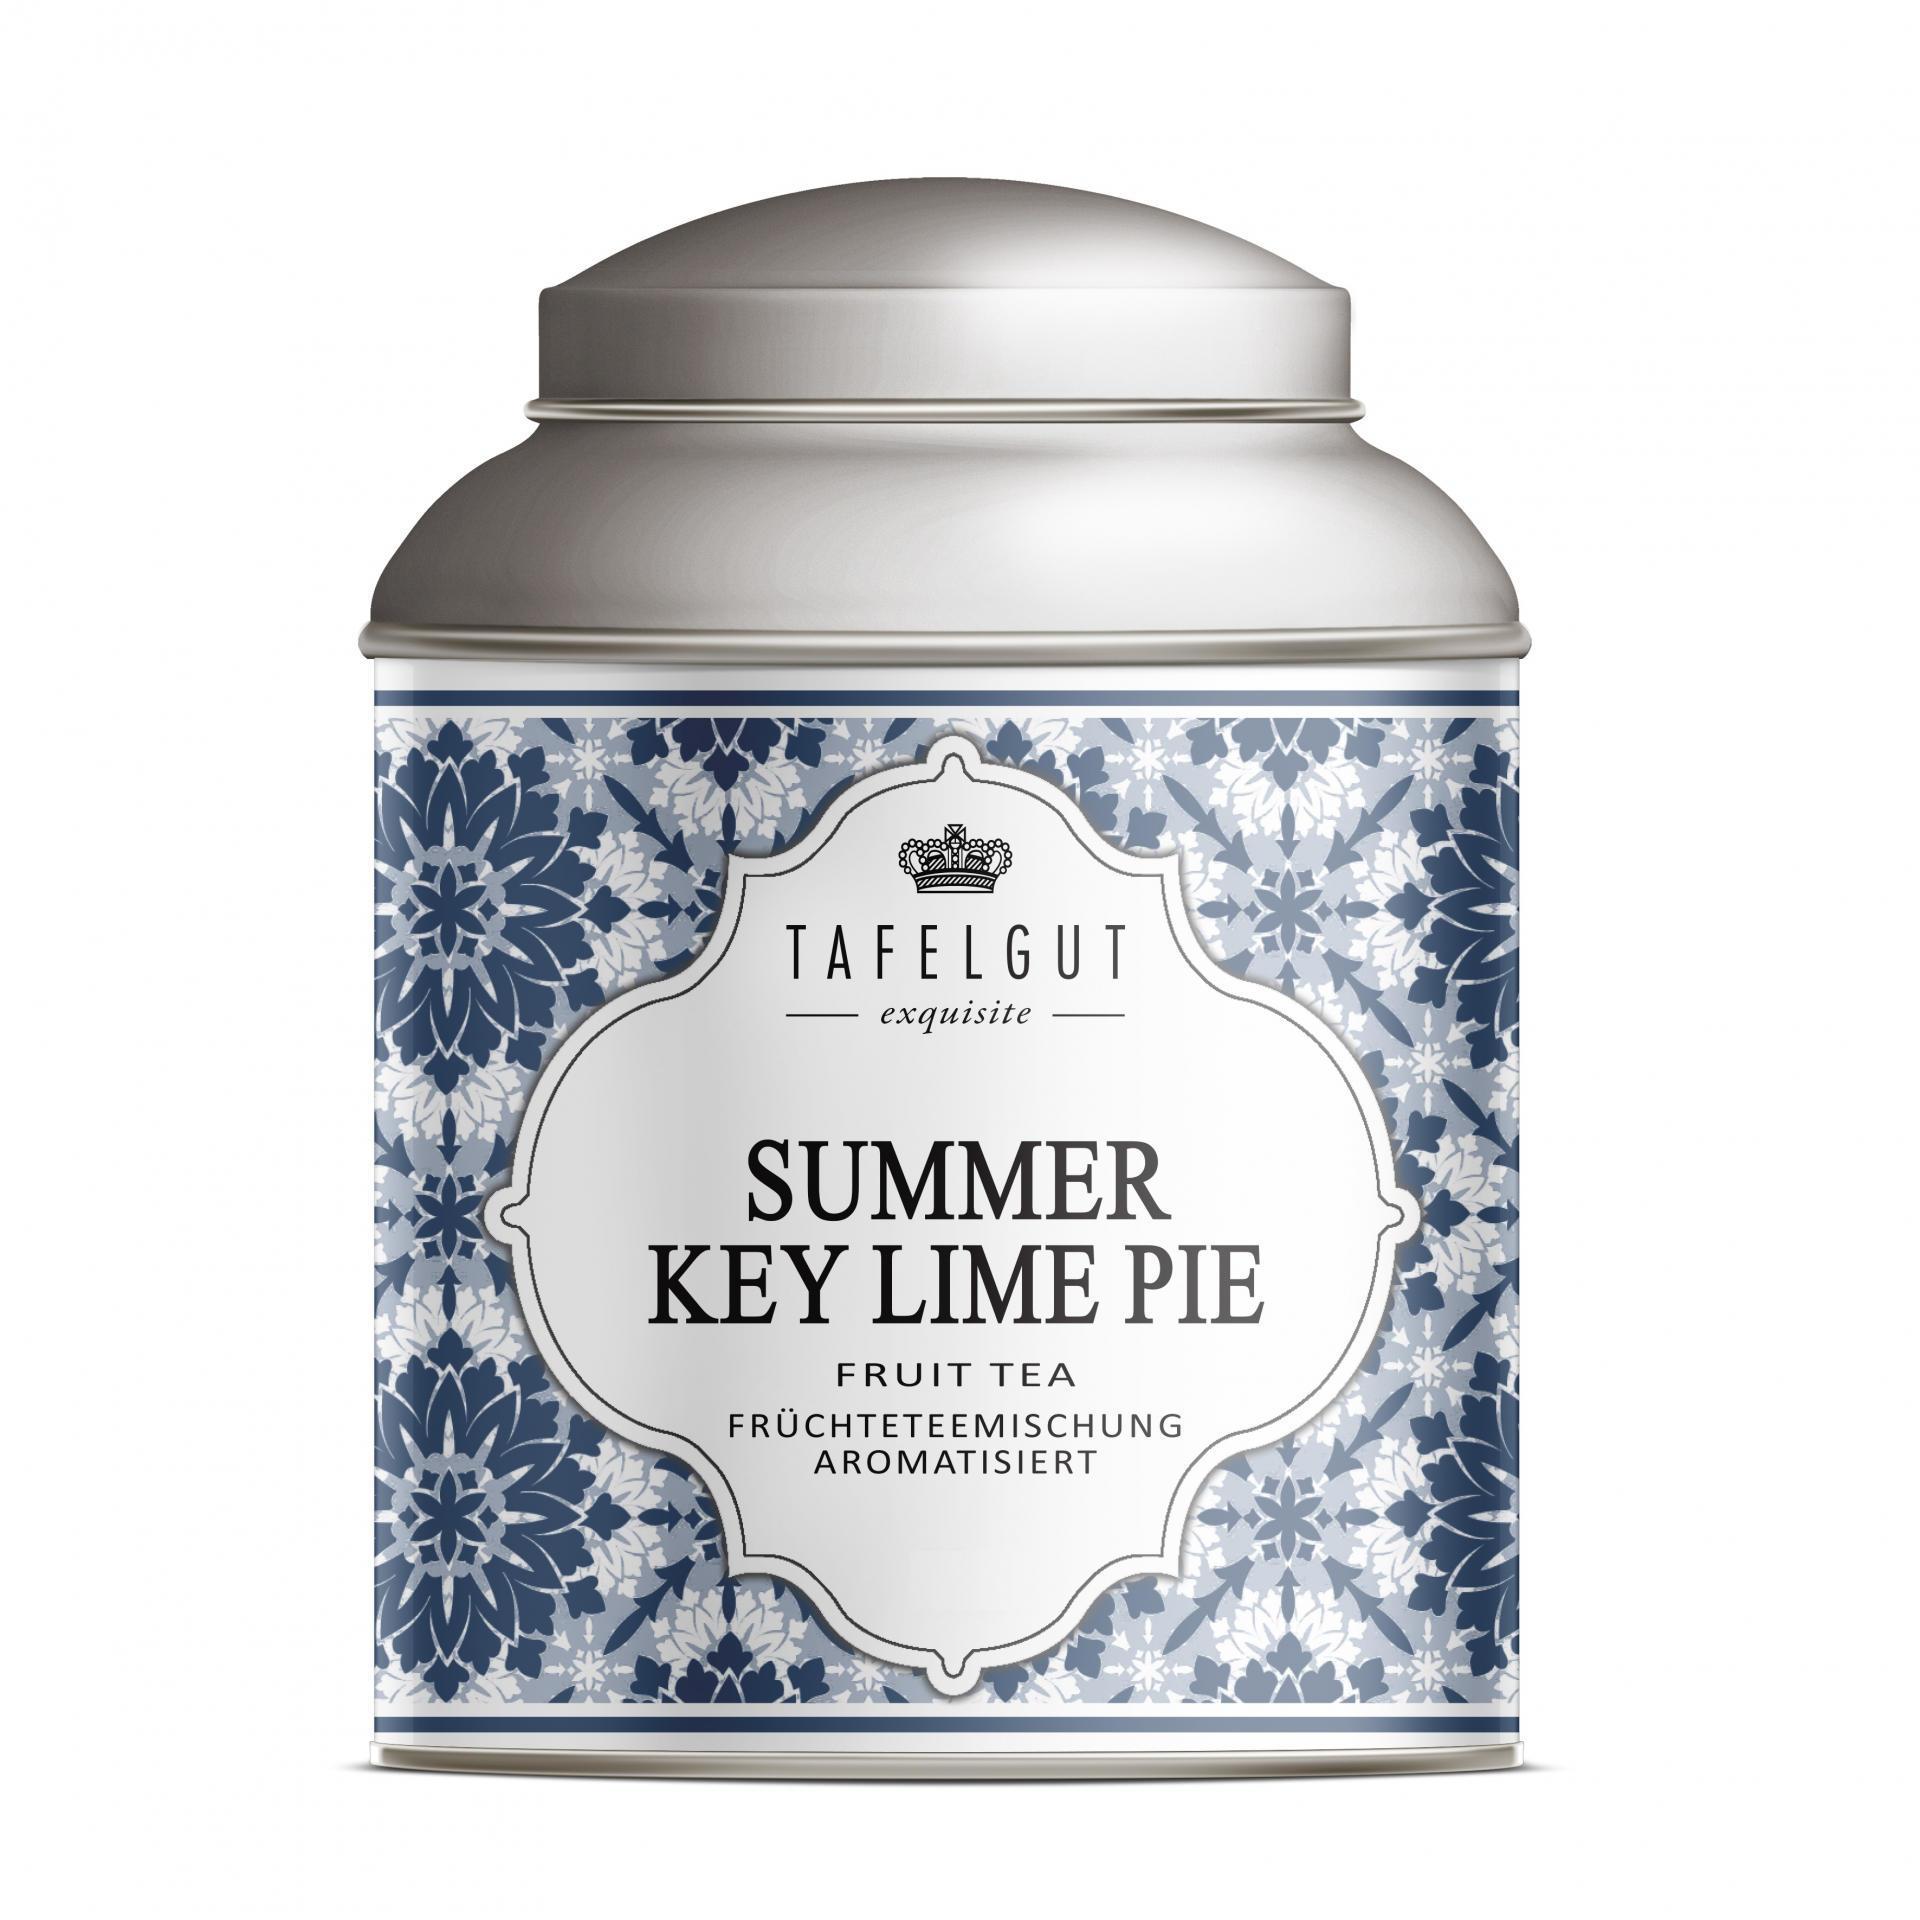 TAFELGUT Mini ovocný čaj Summer Key Lime Pie - 25gr, modrá barva, bílá barva, kov